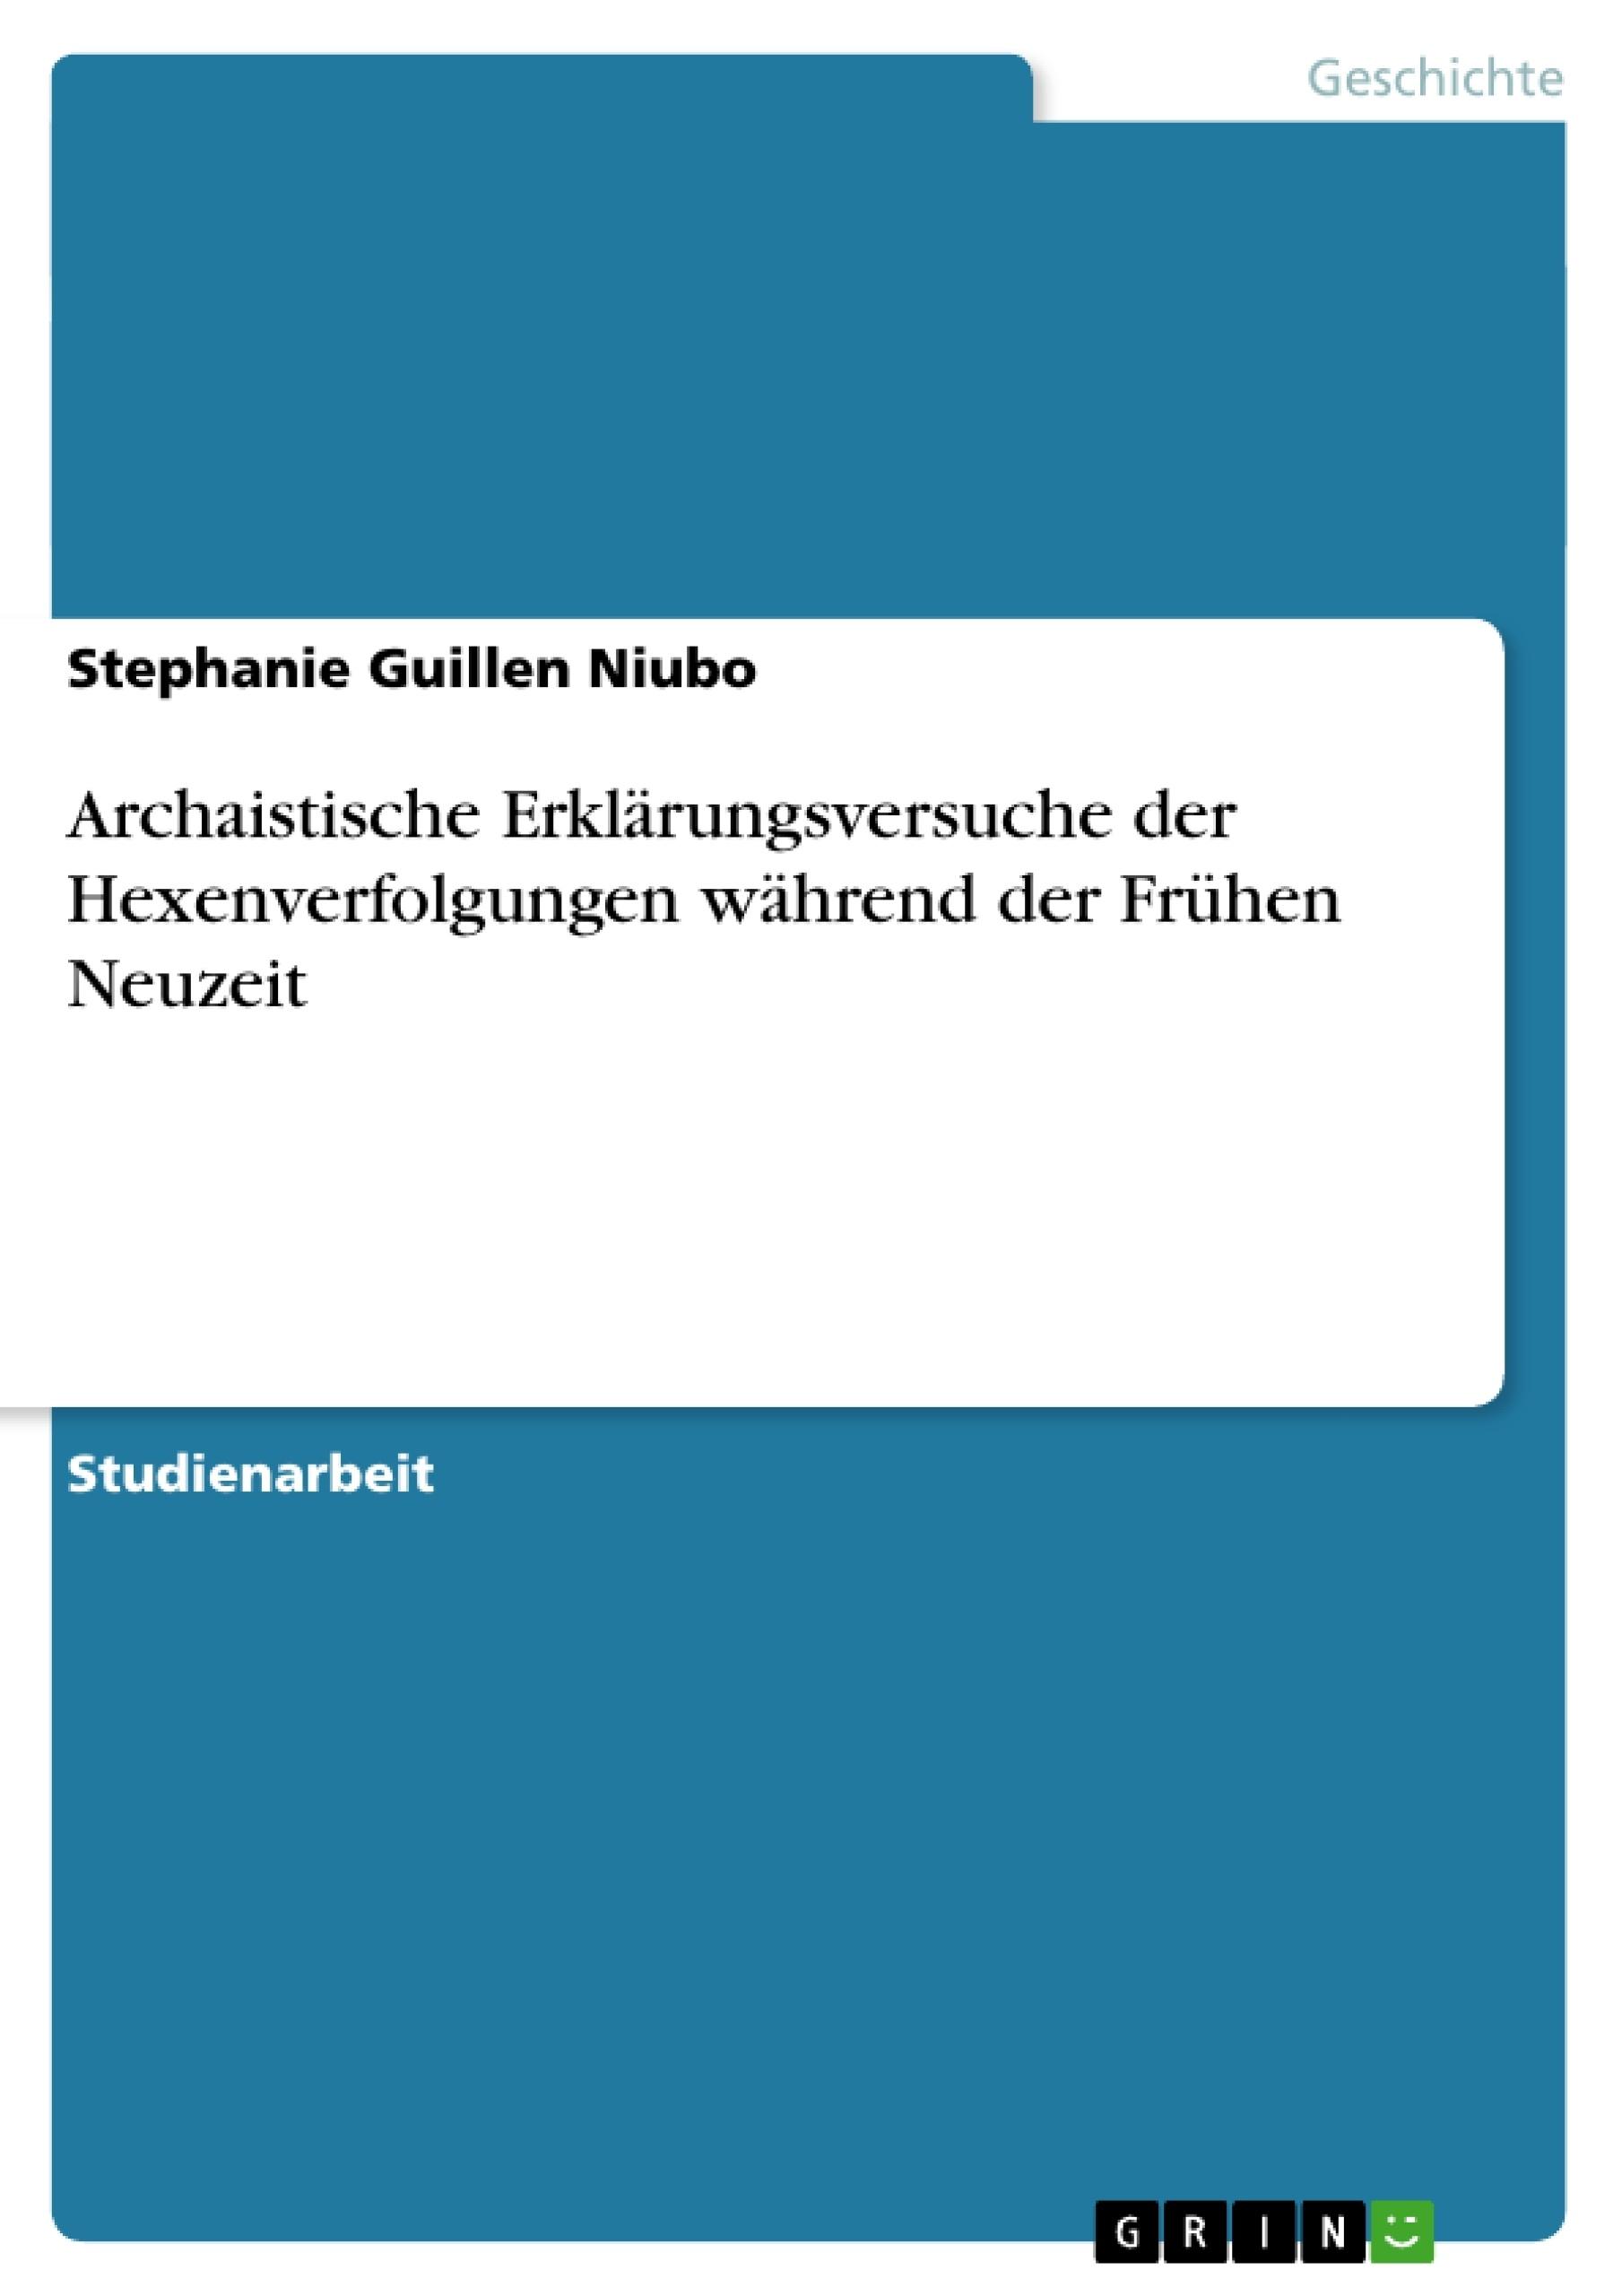 Titel: Archaistische Erklärungsversuche der Hexenverfolgungen während der Frühen Neuzeit